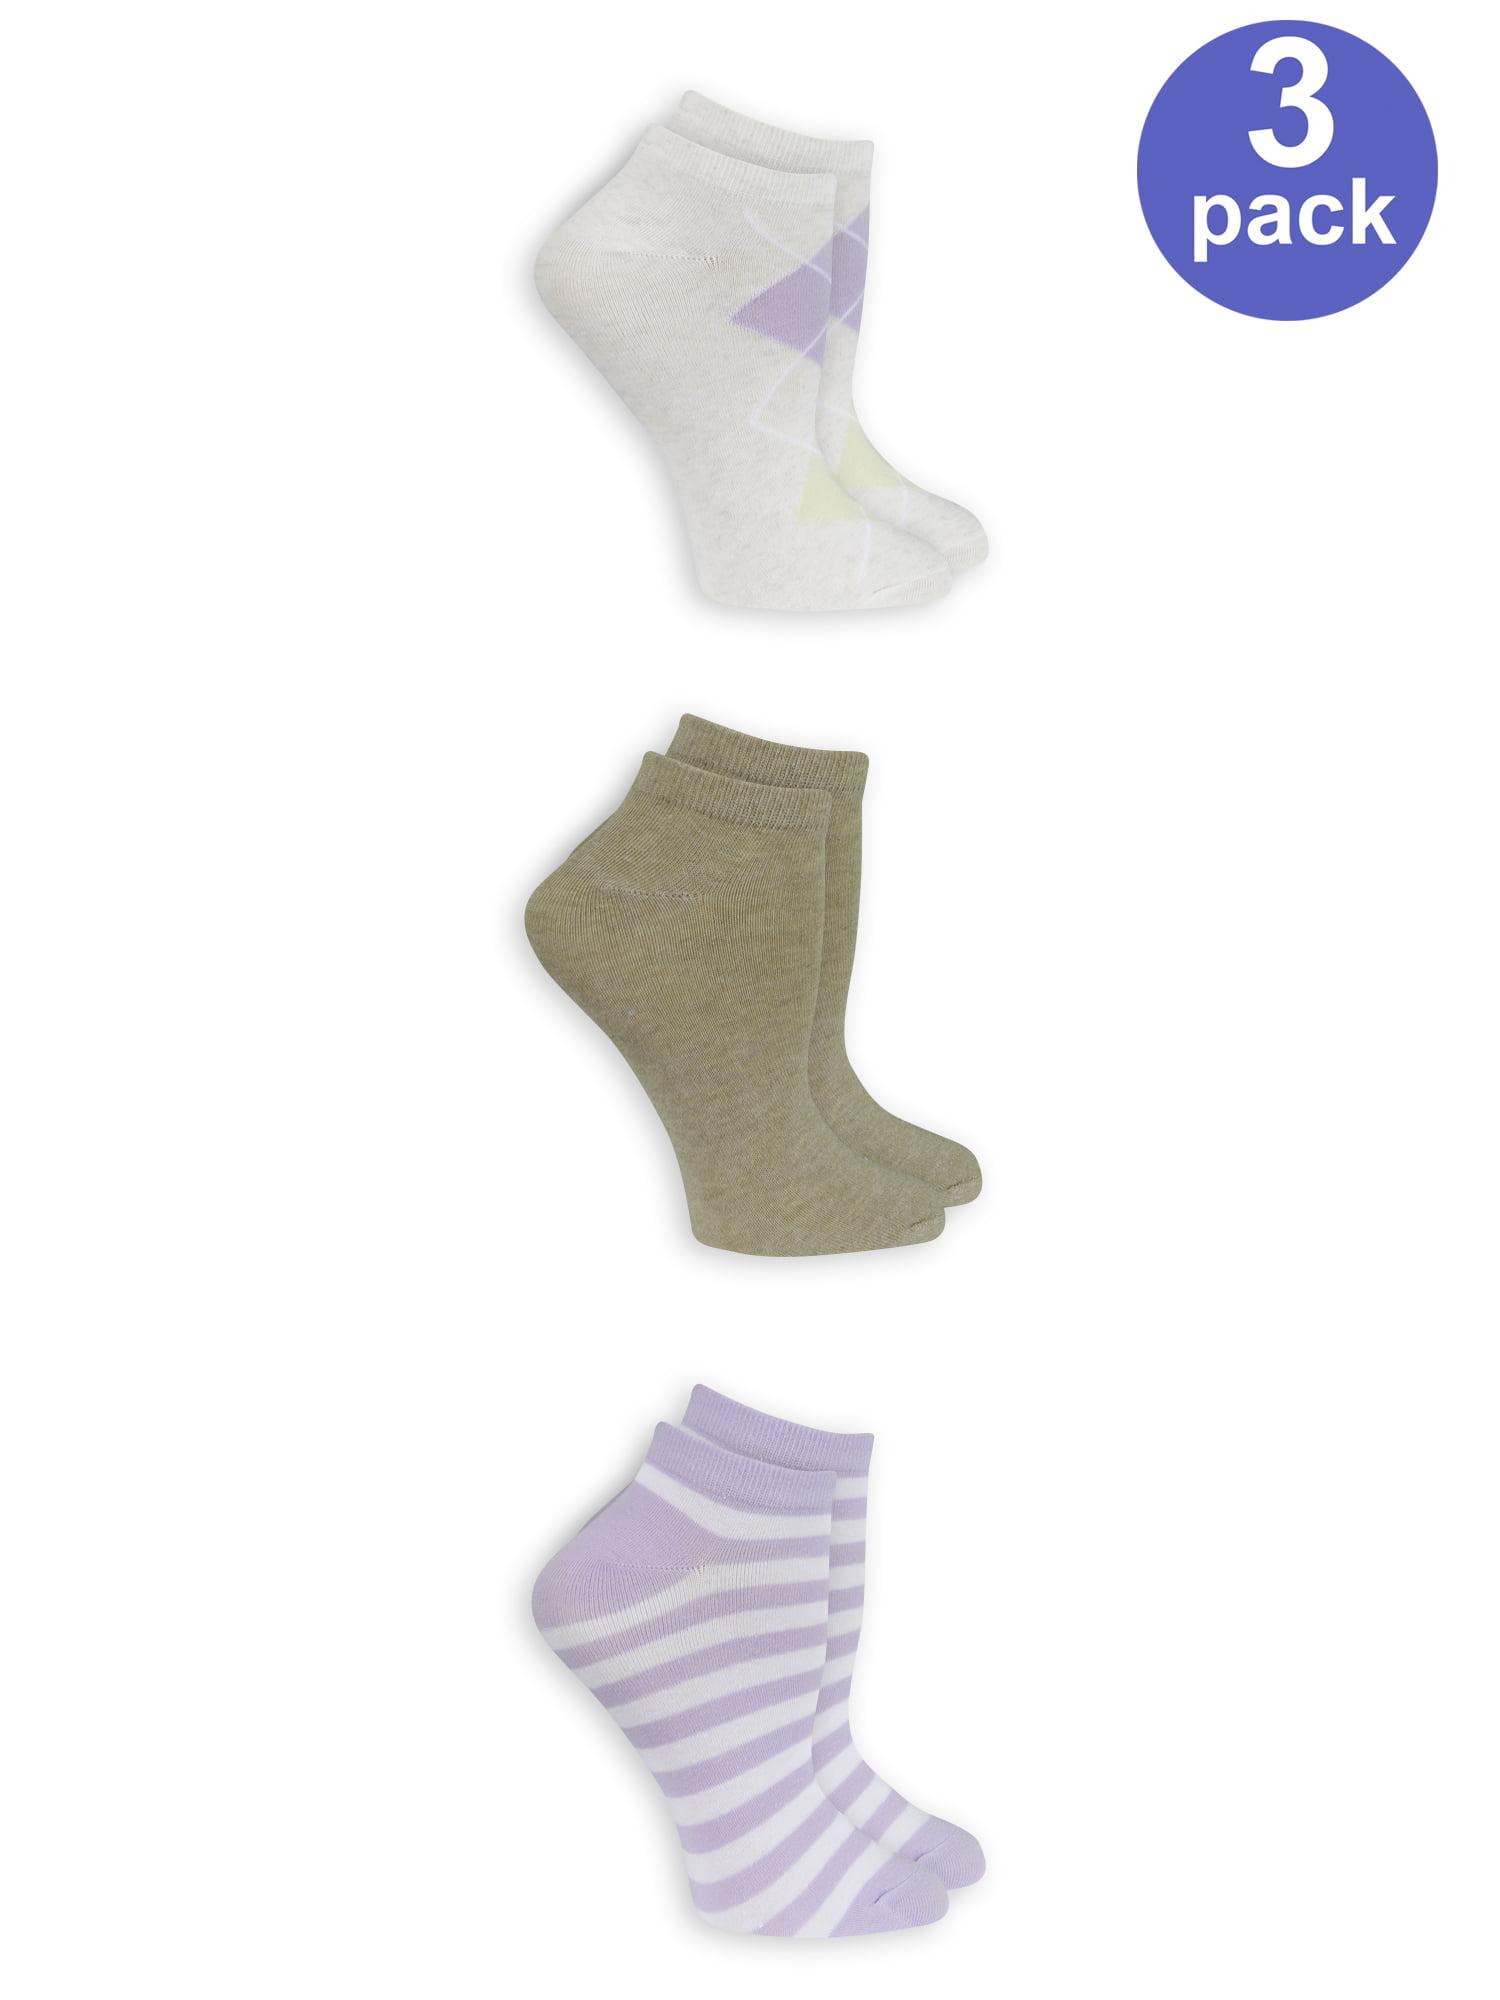 Women's Fashion Low Cut Socks 3 Pack